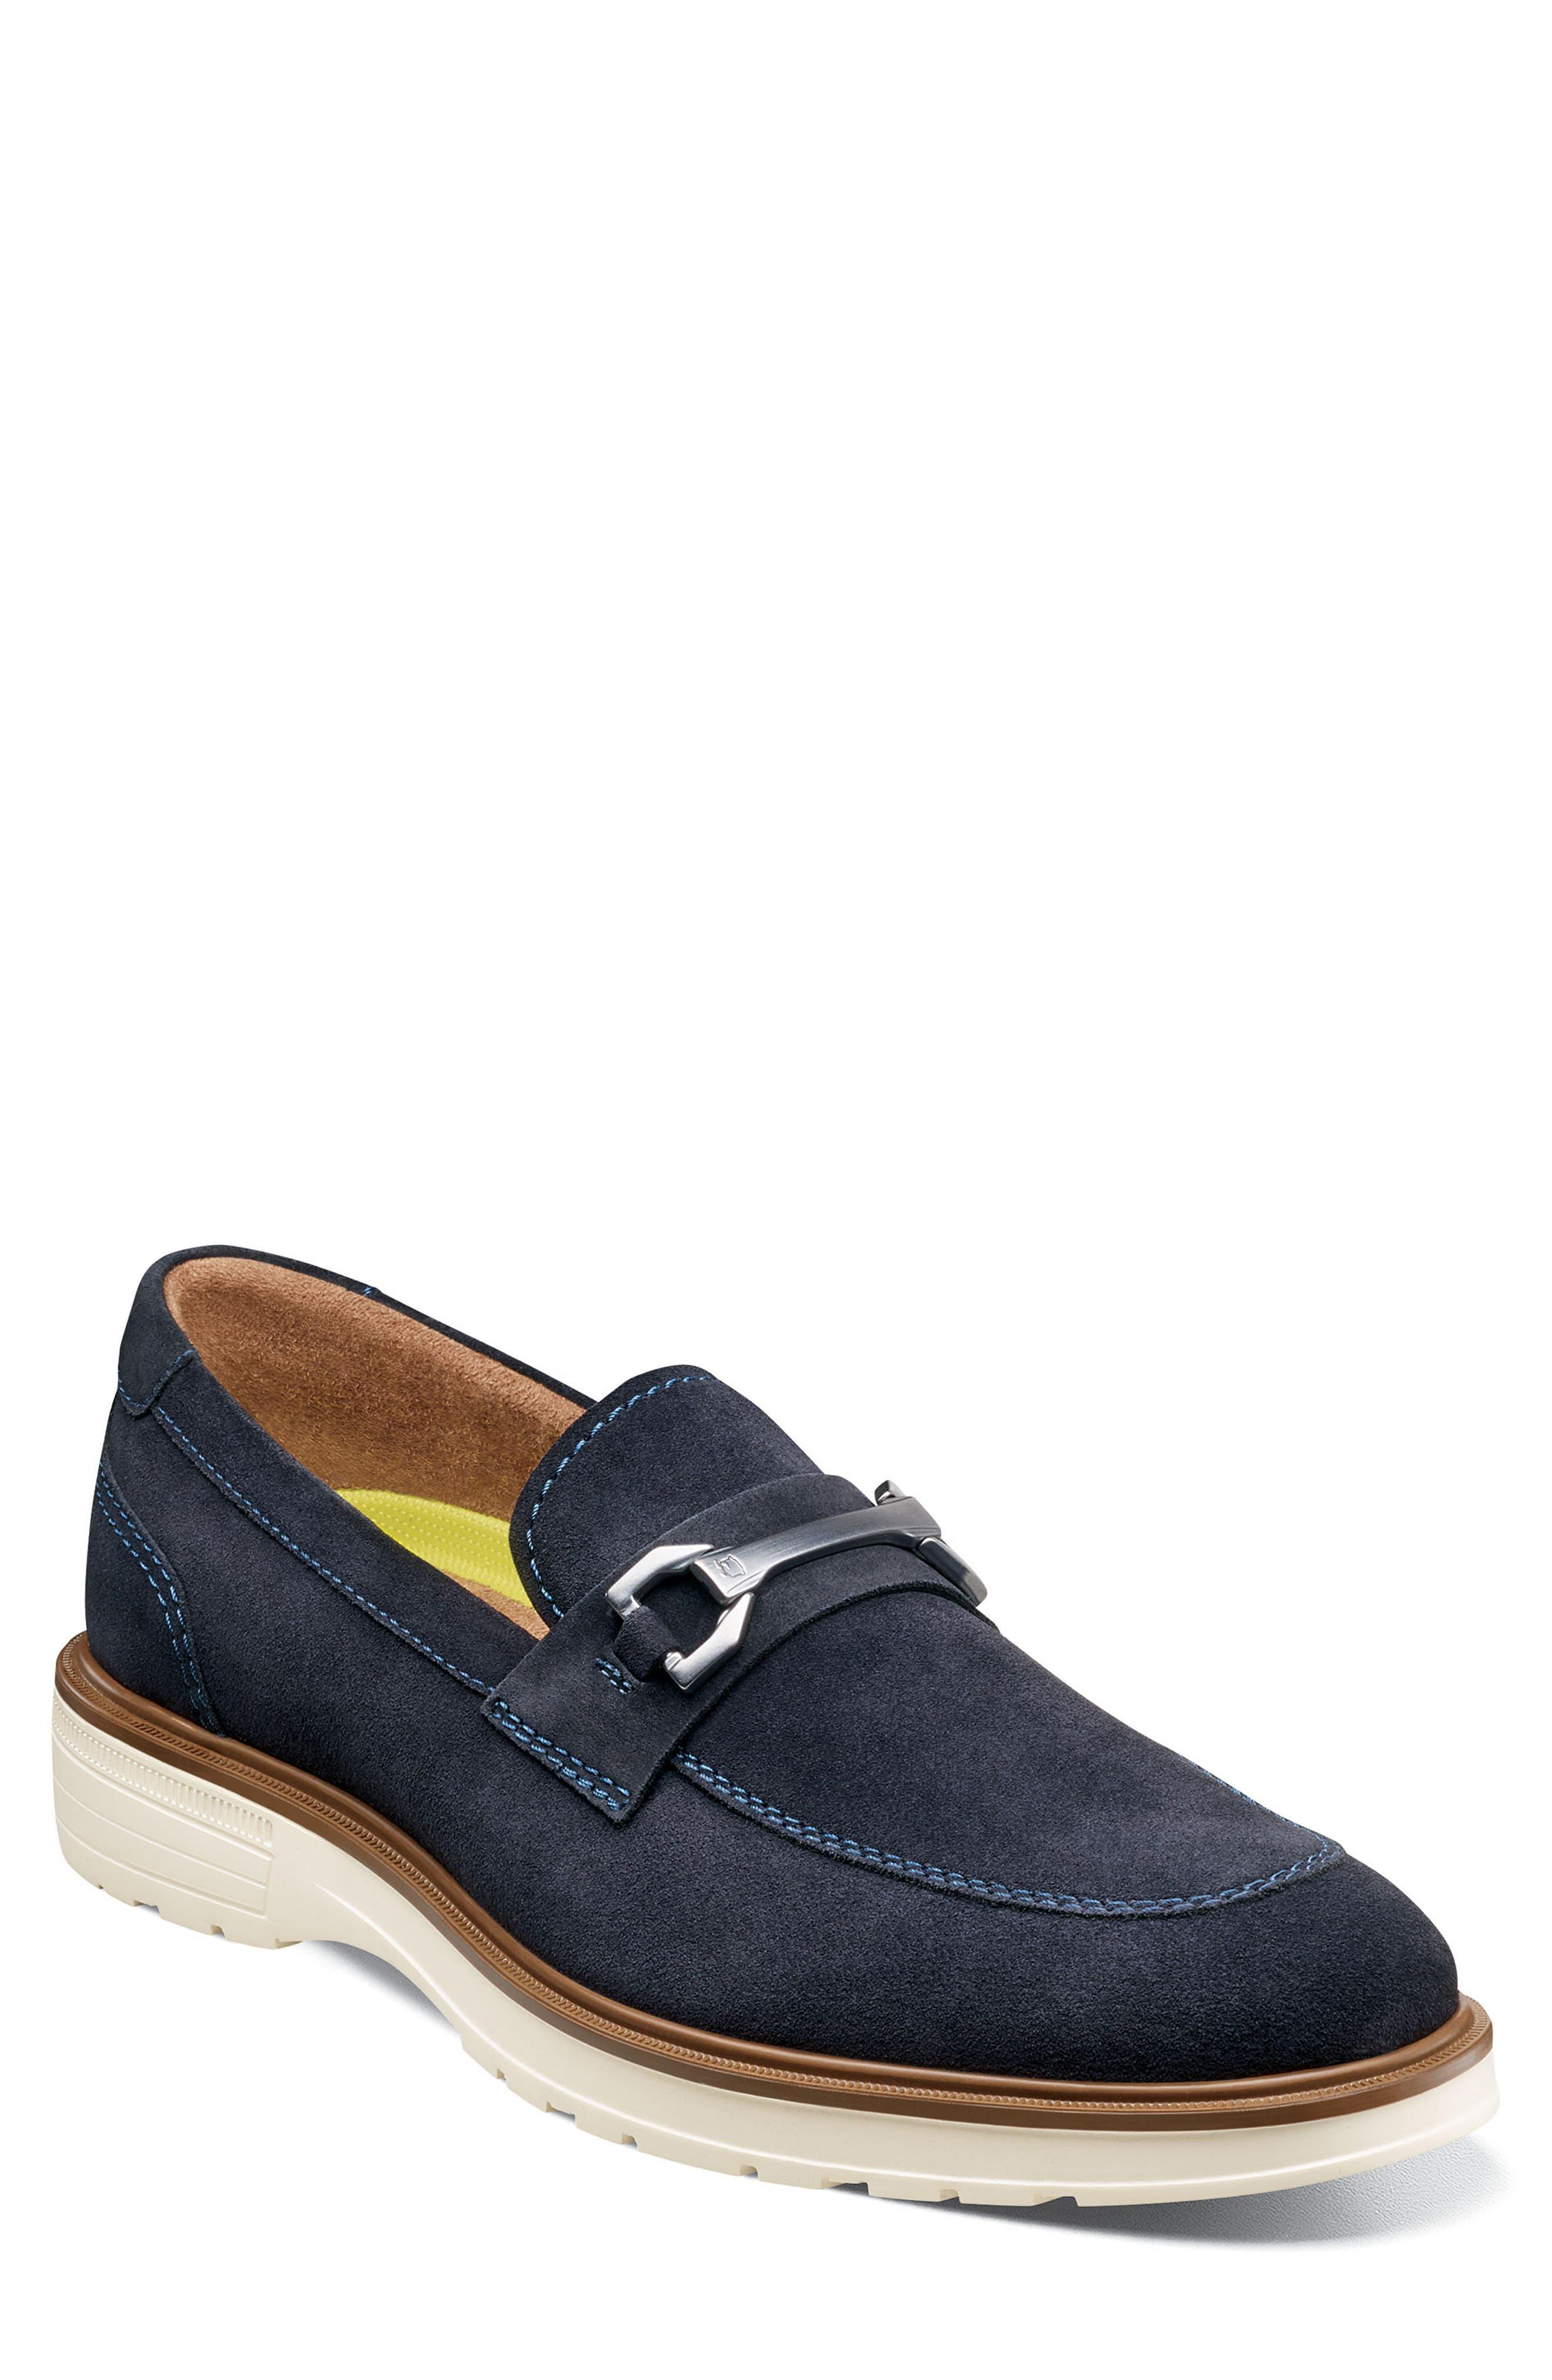 Men's Florsheim Shoes Sale \u0026 Clearance